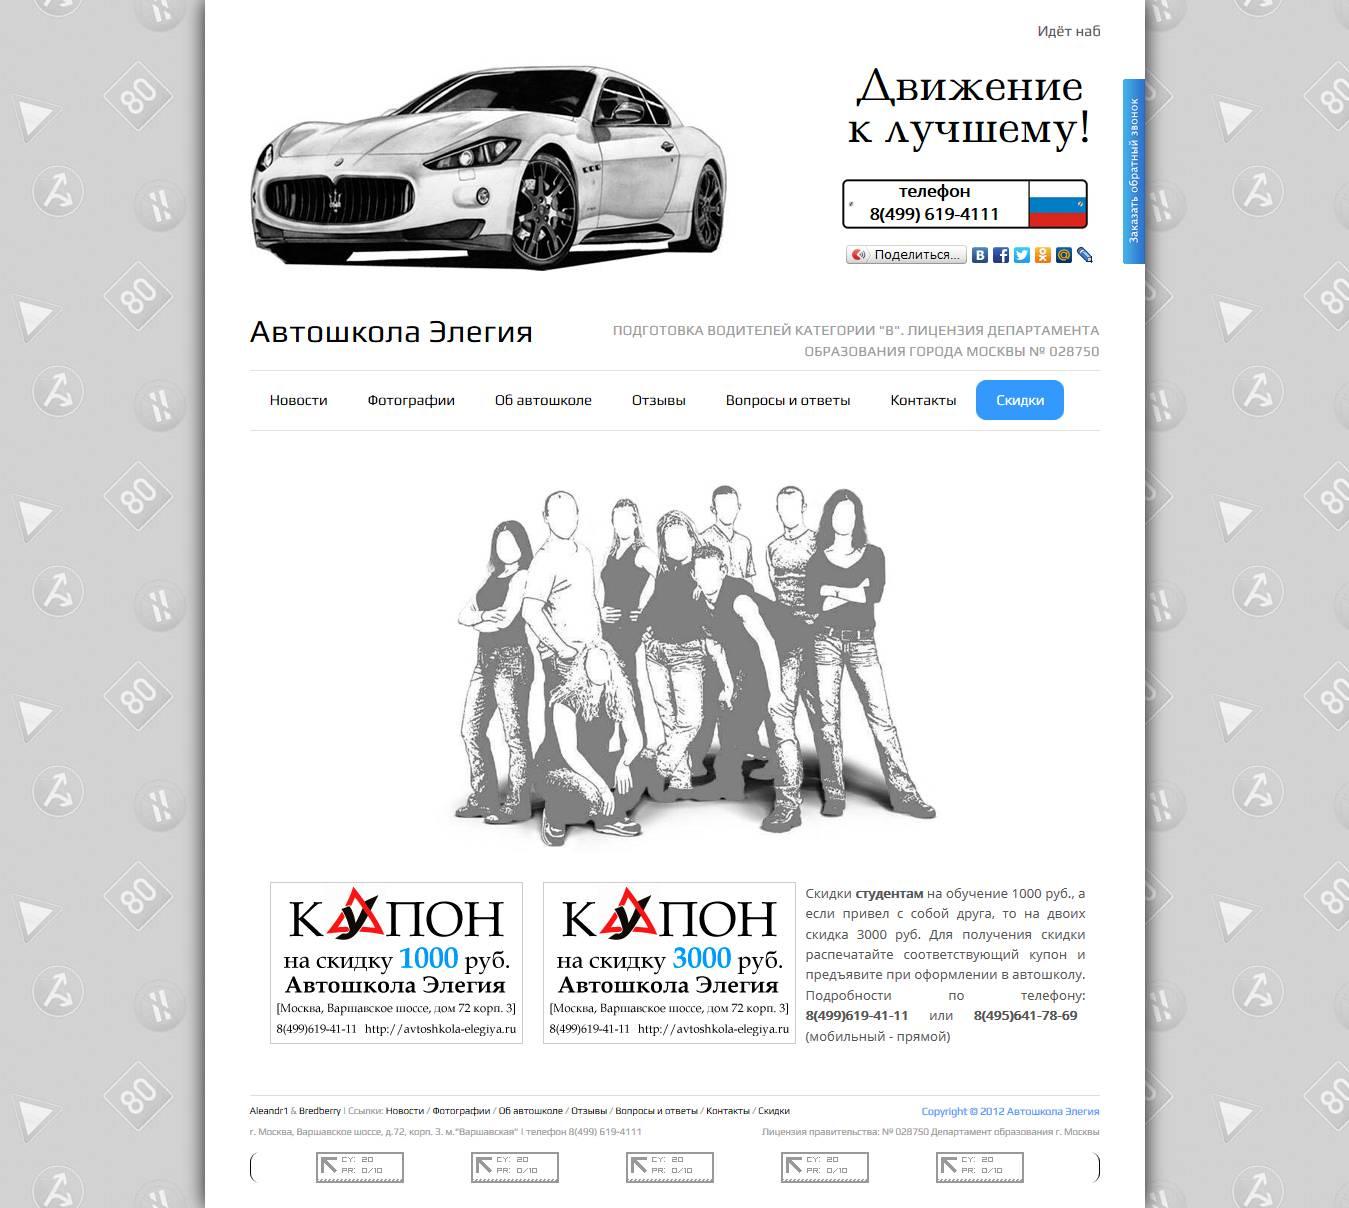 Пример сайта визитки - автошкола - акции и скидки